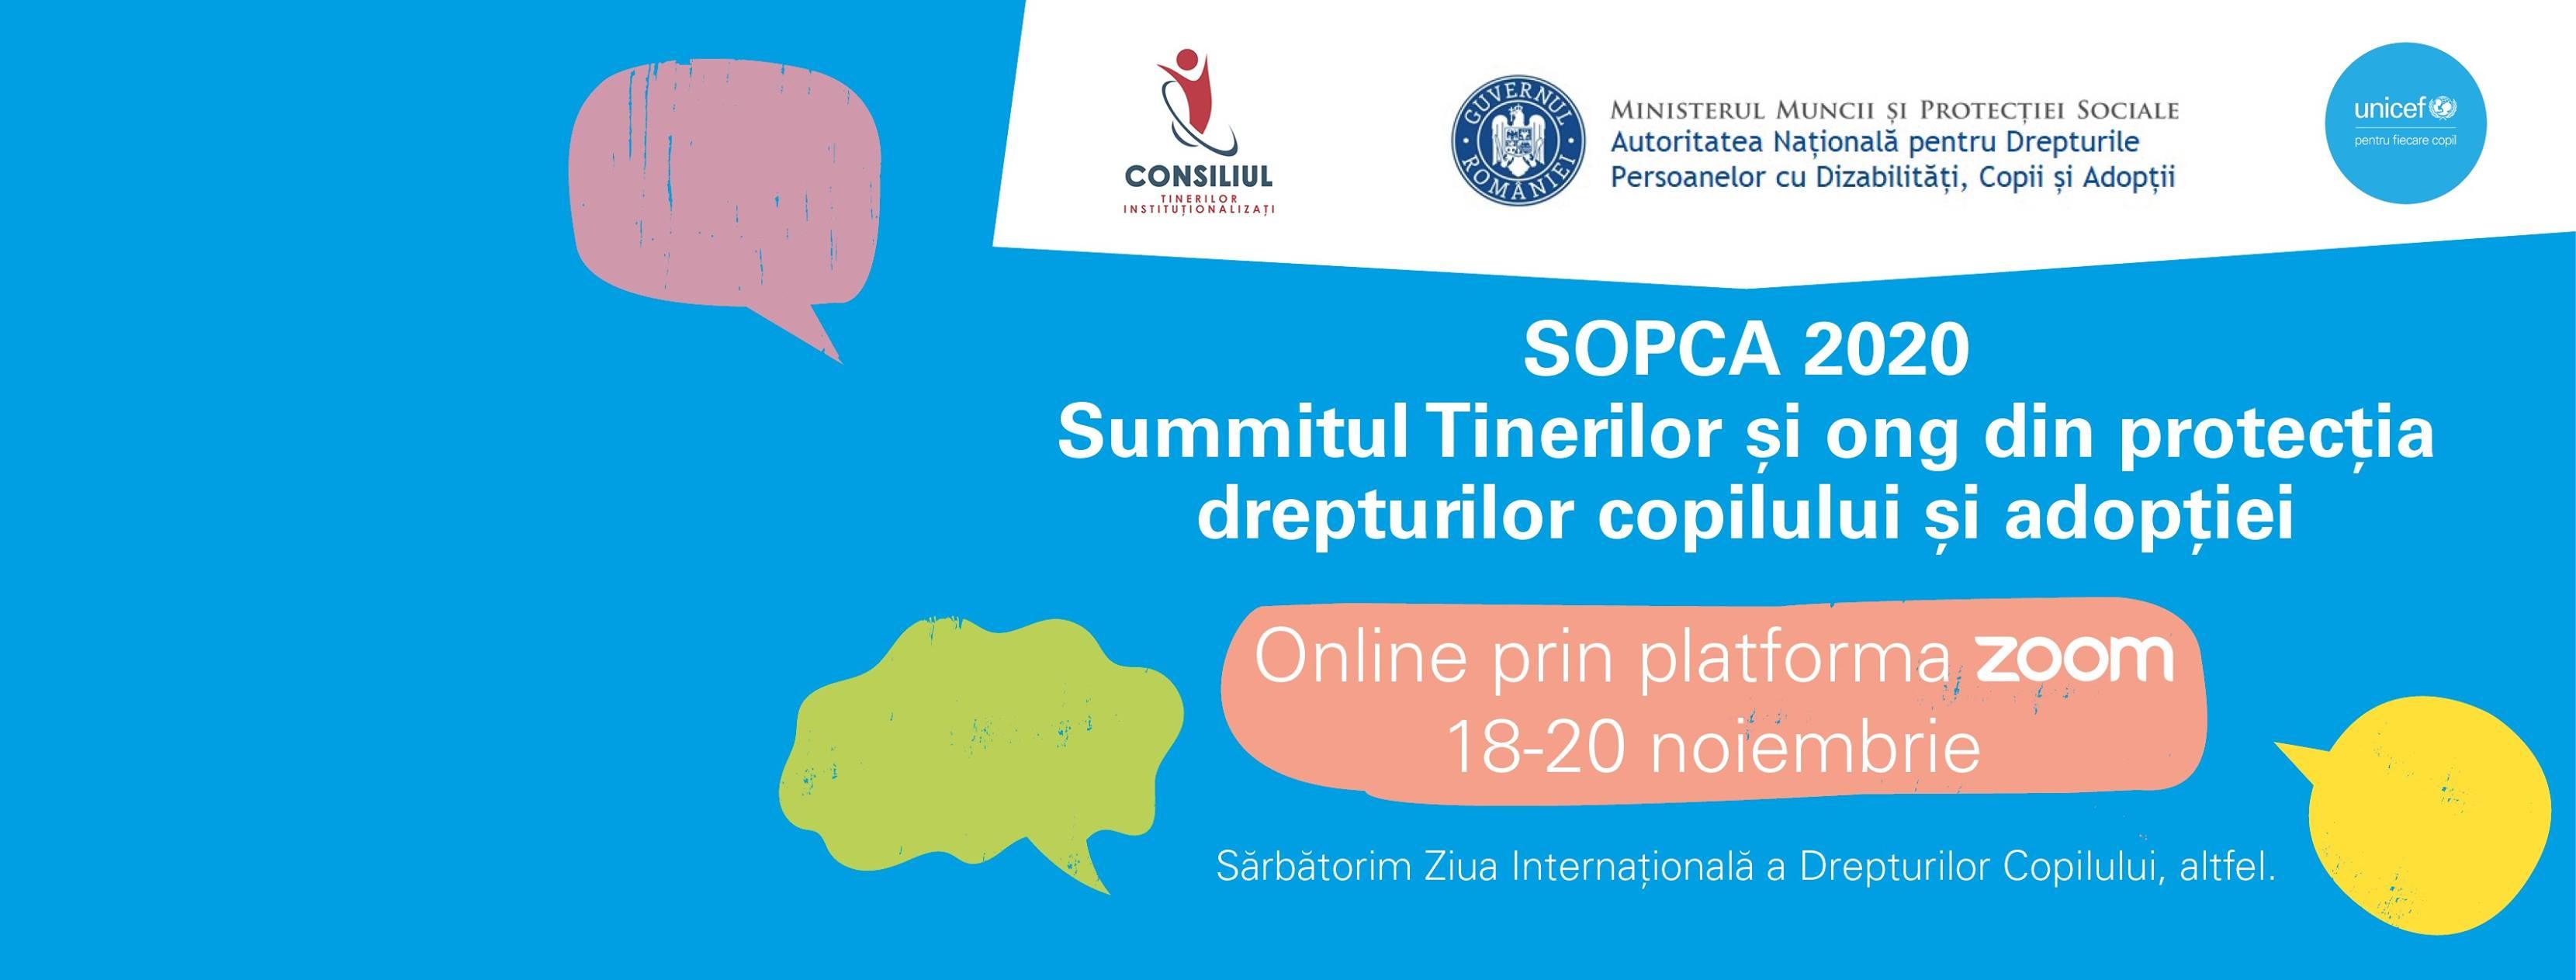 Summitul tinerilor și organizațiilor din protecția drepturilor copilului și adopție – SOPCA 2020